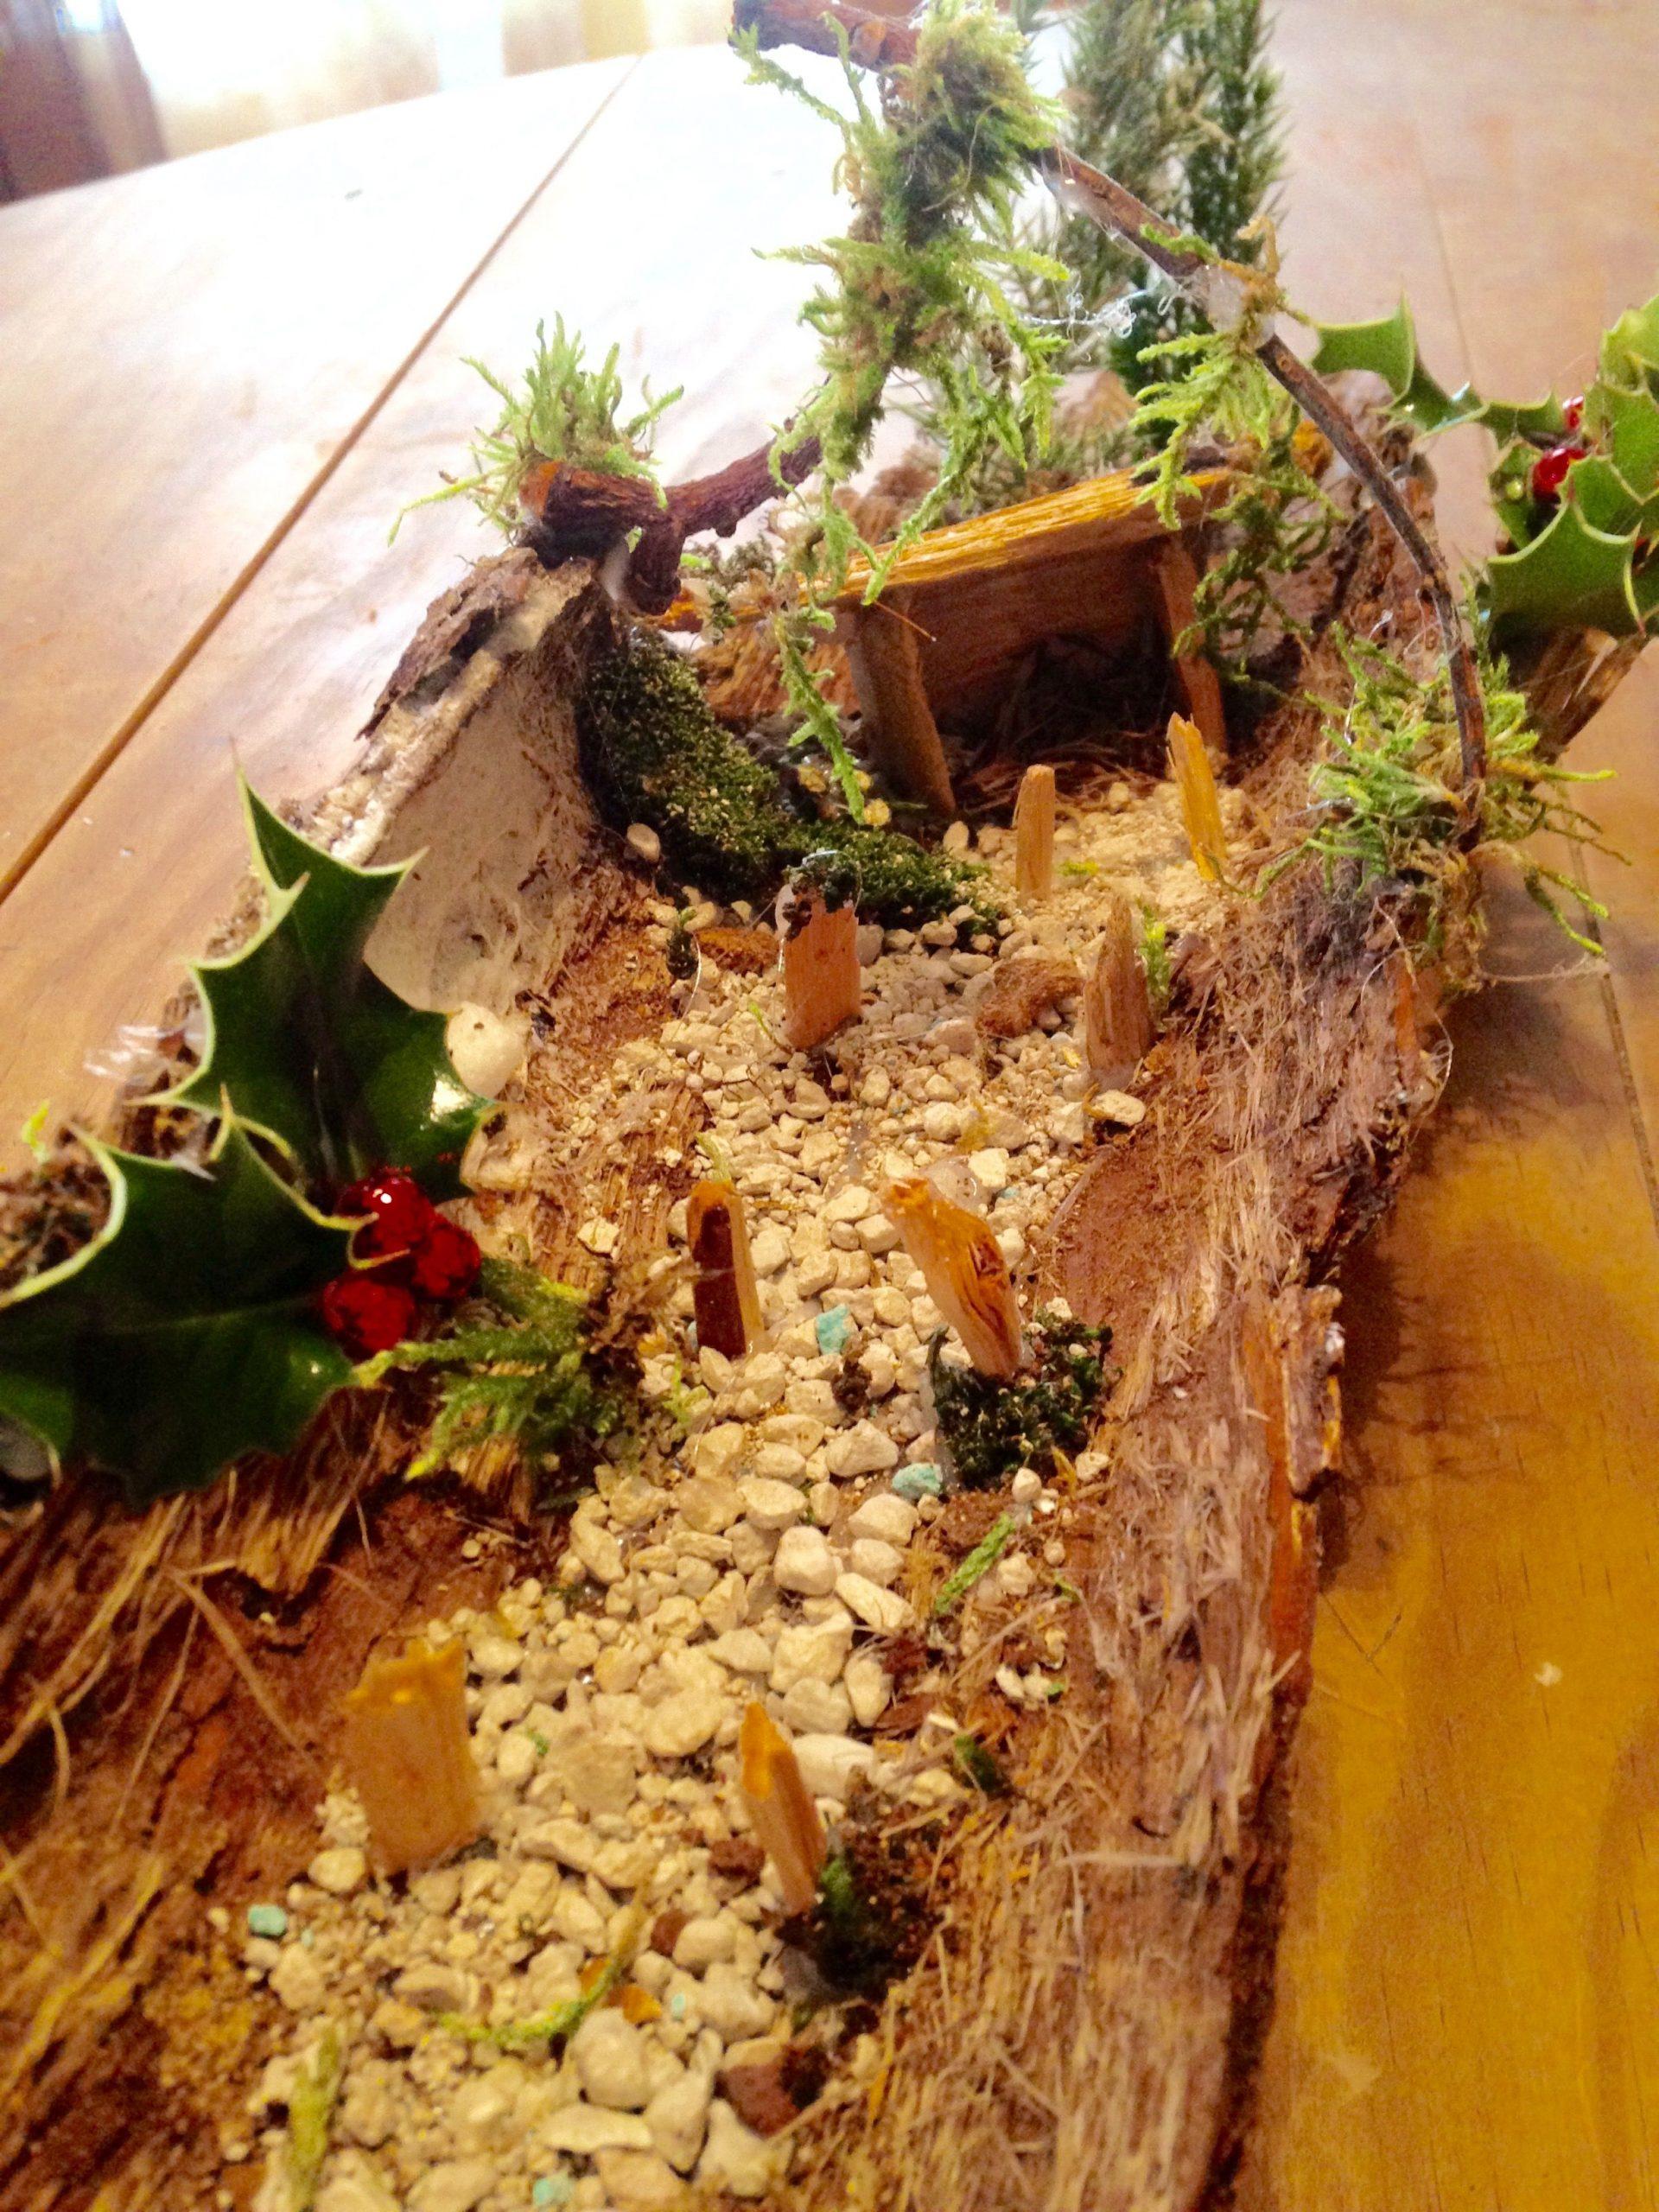 Krisamateur Kris Création Perso Recyclage Écorces, Mousses D ... à Ecorces Jardin